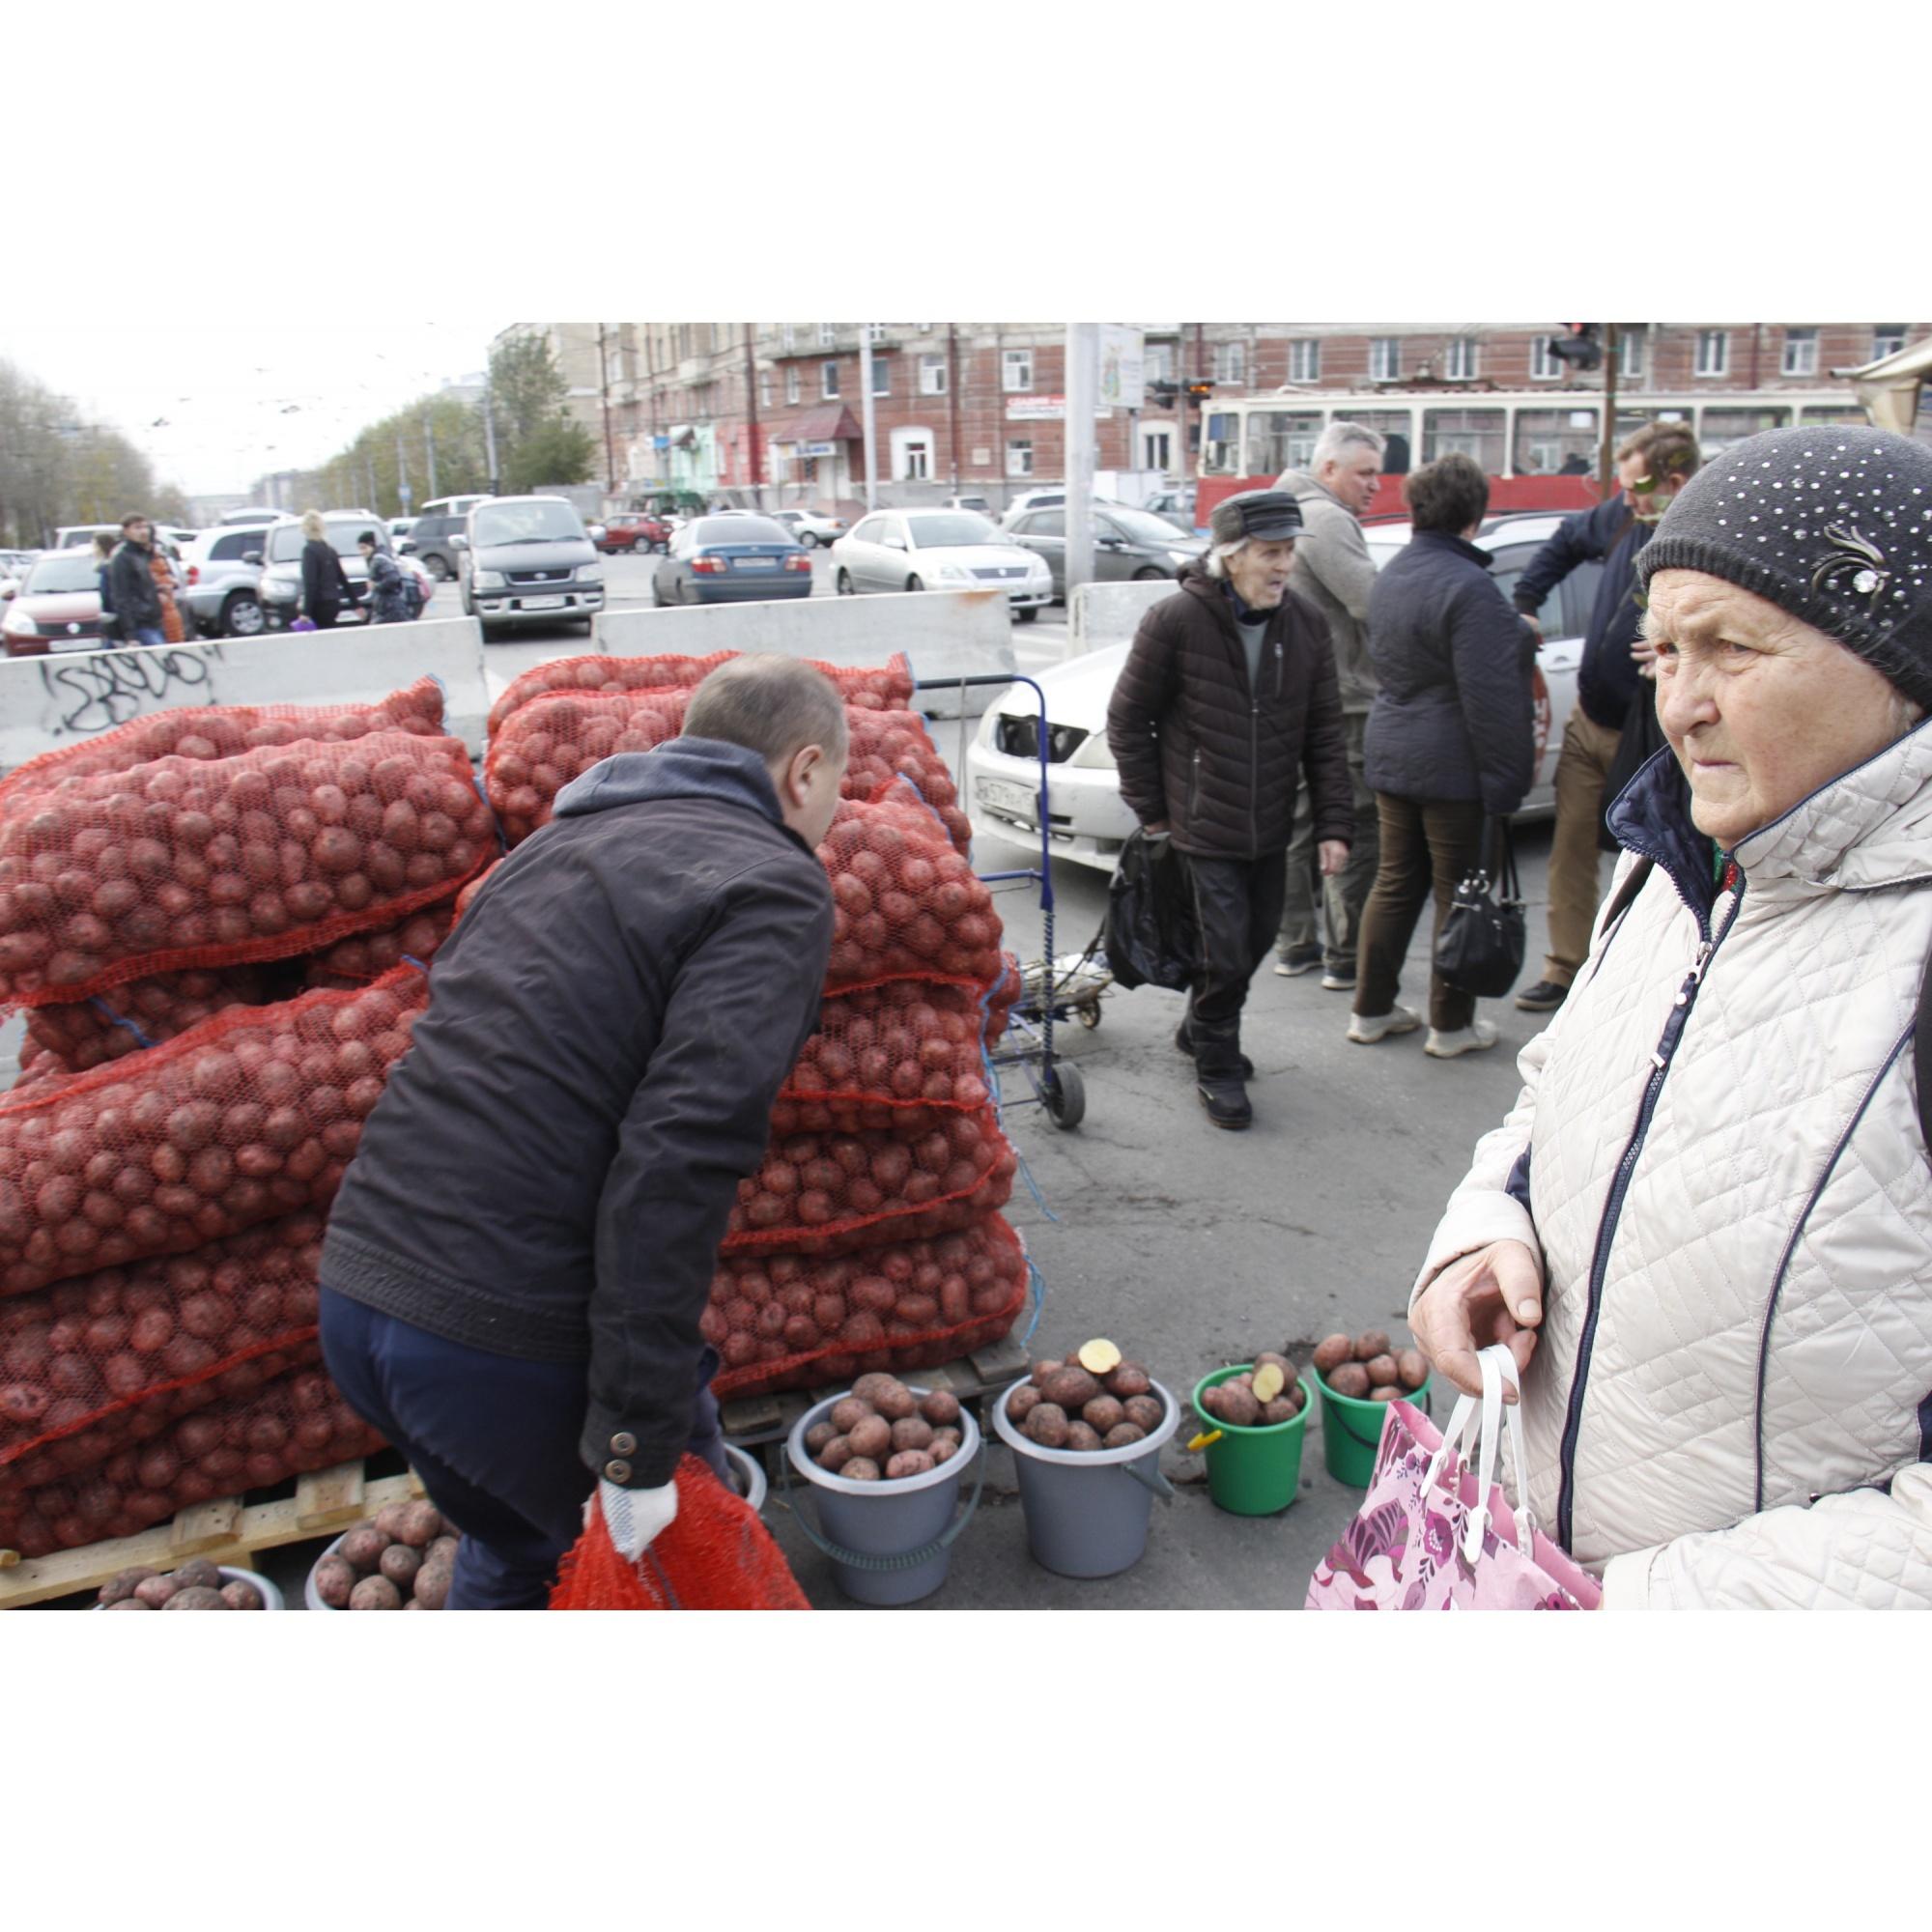 Самый востребованный товар — картошка мешками